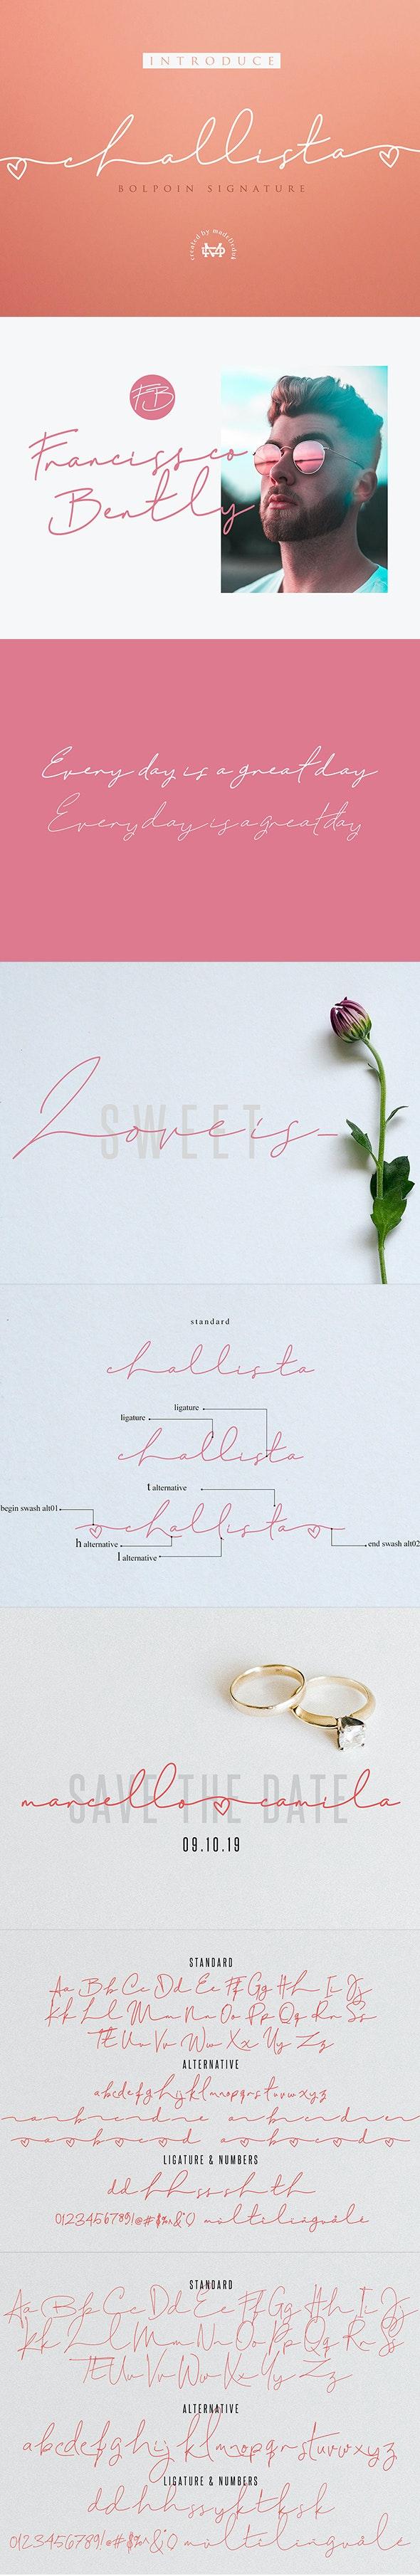 Challista Signature - 30%OFF - Script Fonts